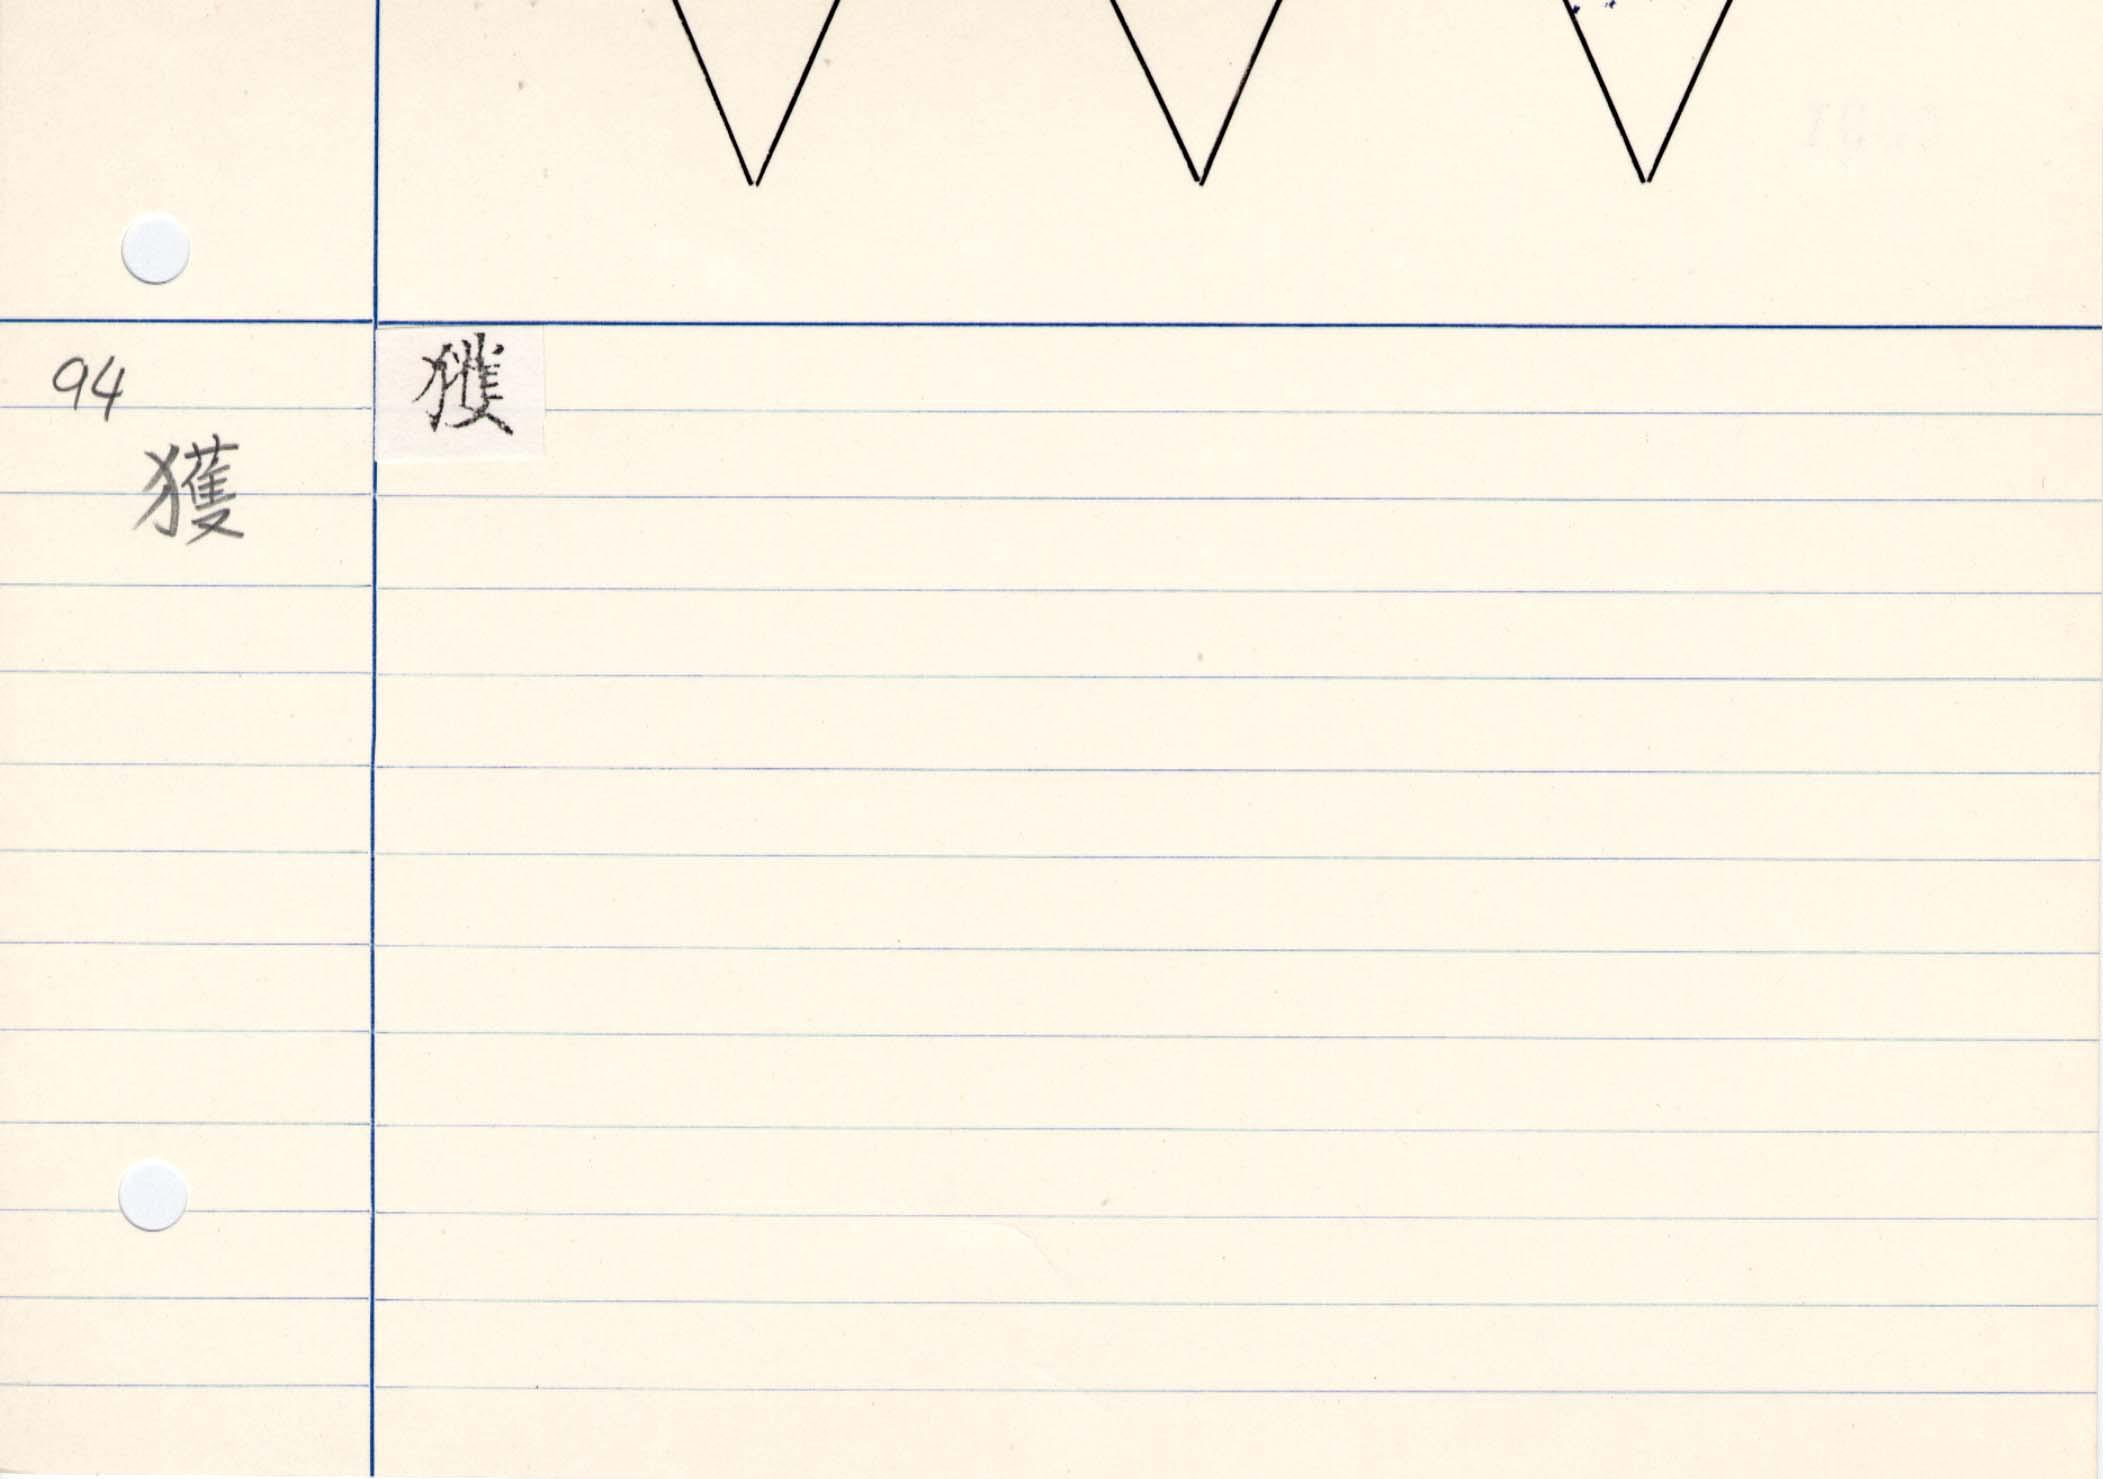 11_妙法蓮華經卷三(守屋本)/cards/0091.jpg